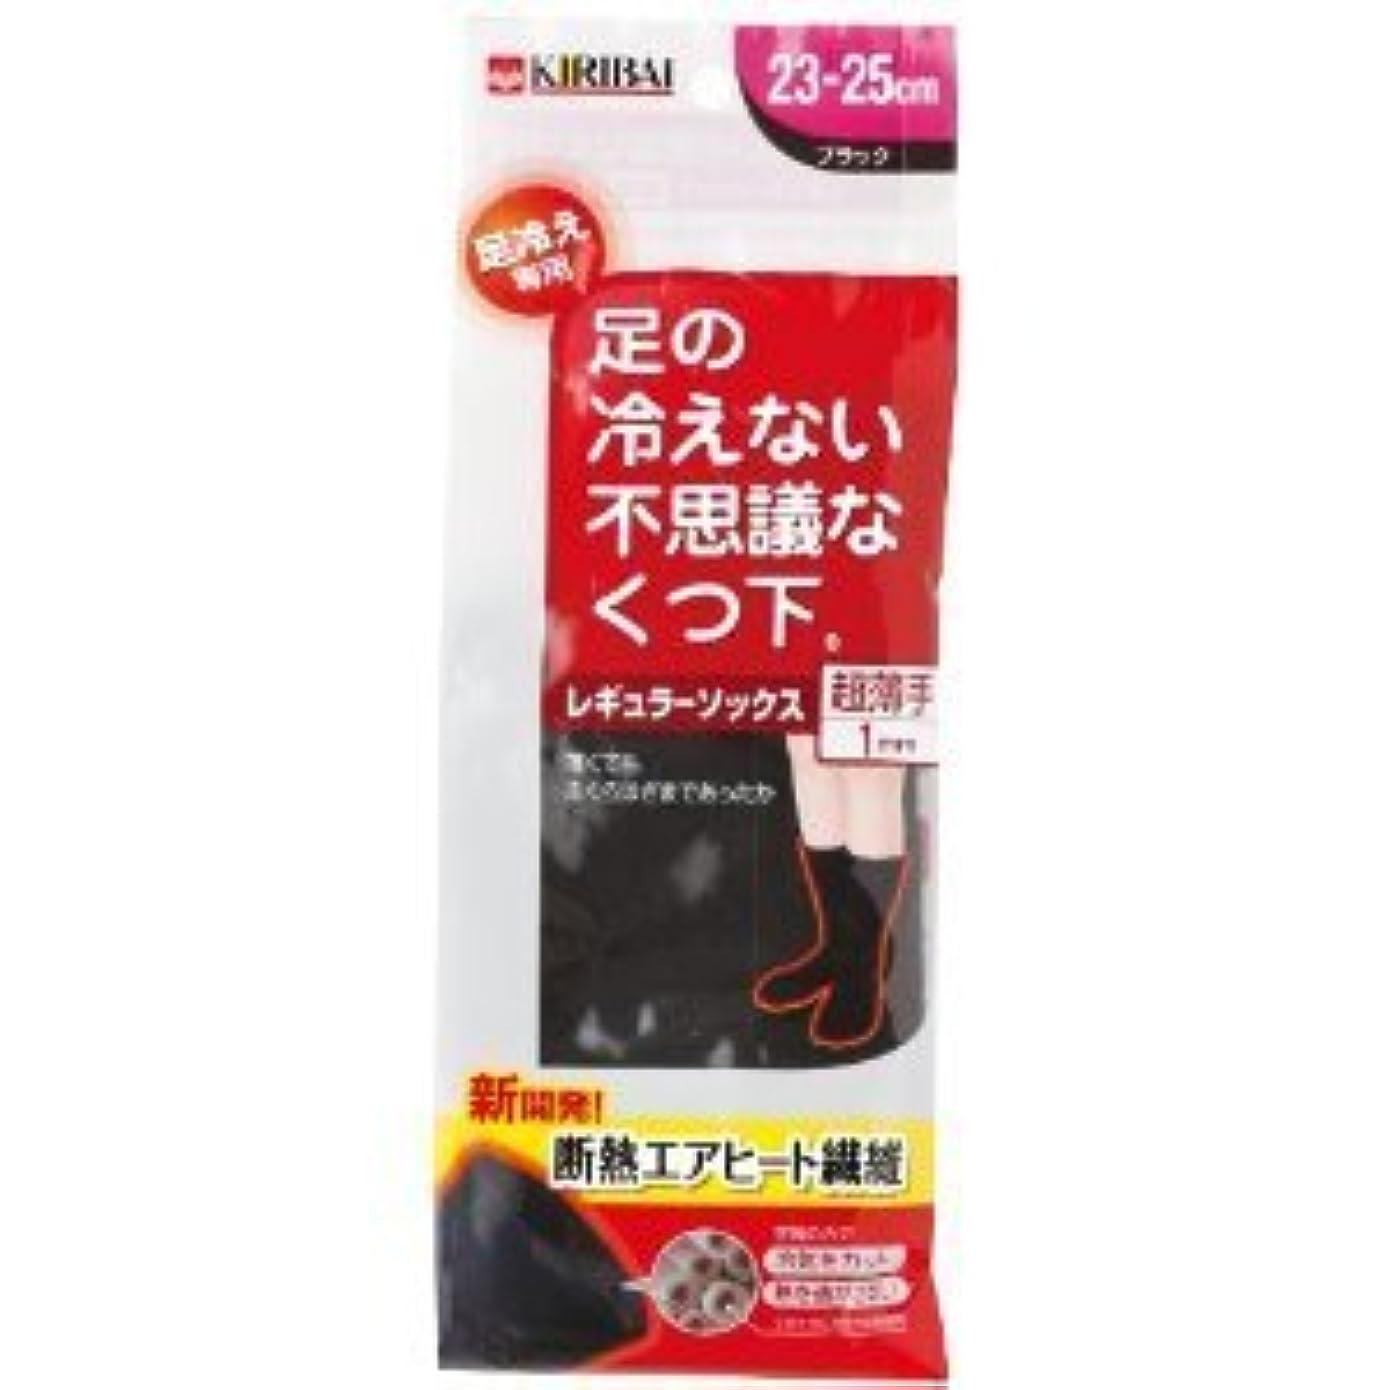 睡眠よりシャイ足の冷えない不思議なくつ下 レギュラーソックス 超薄手 ブラック 23-25cm×2個